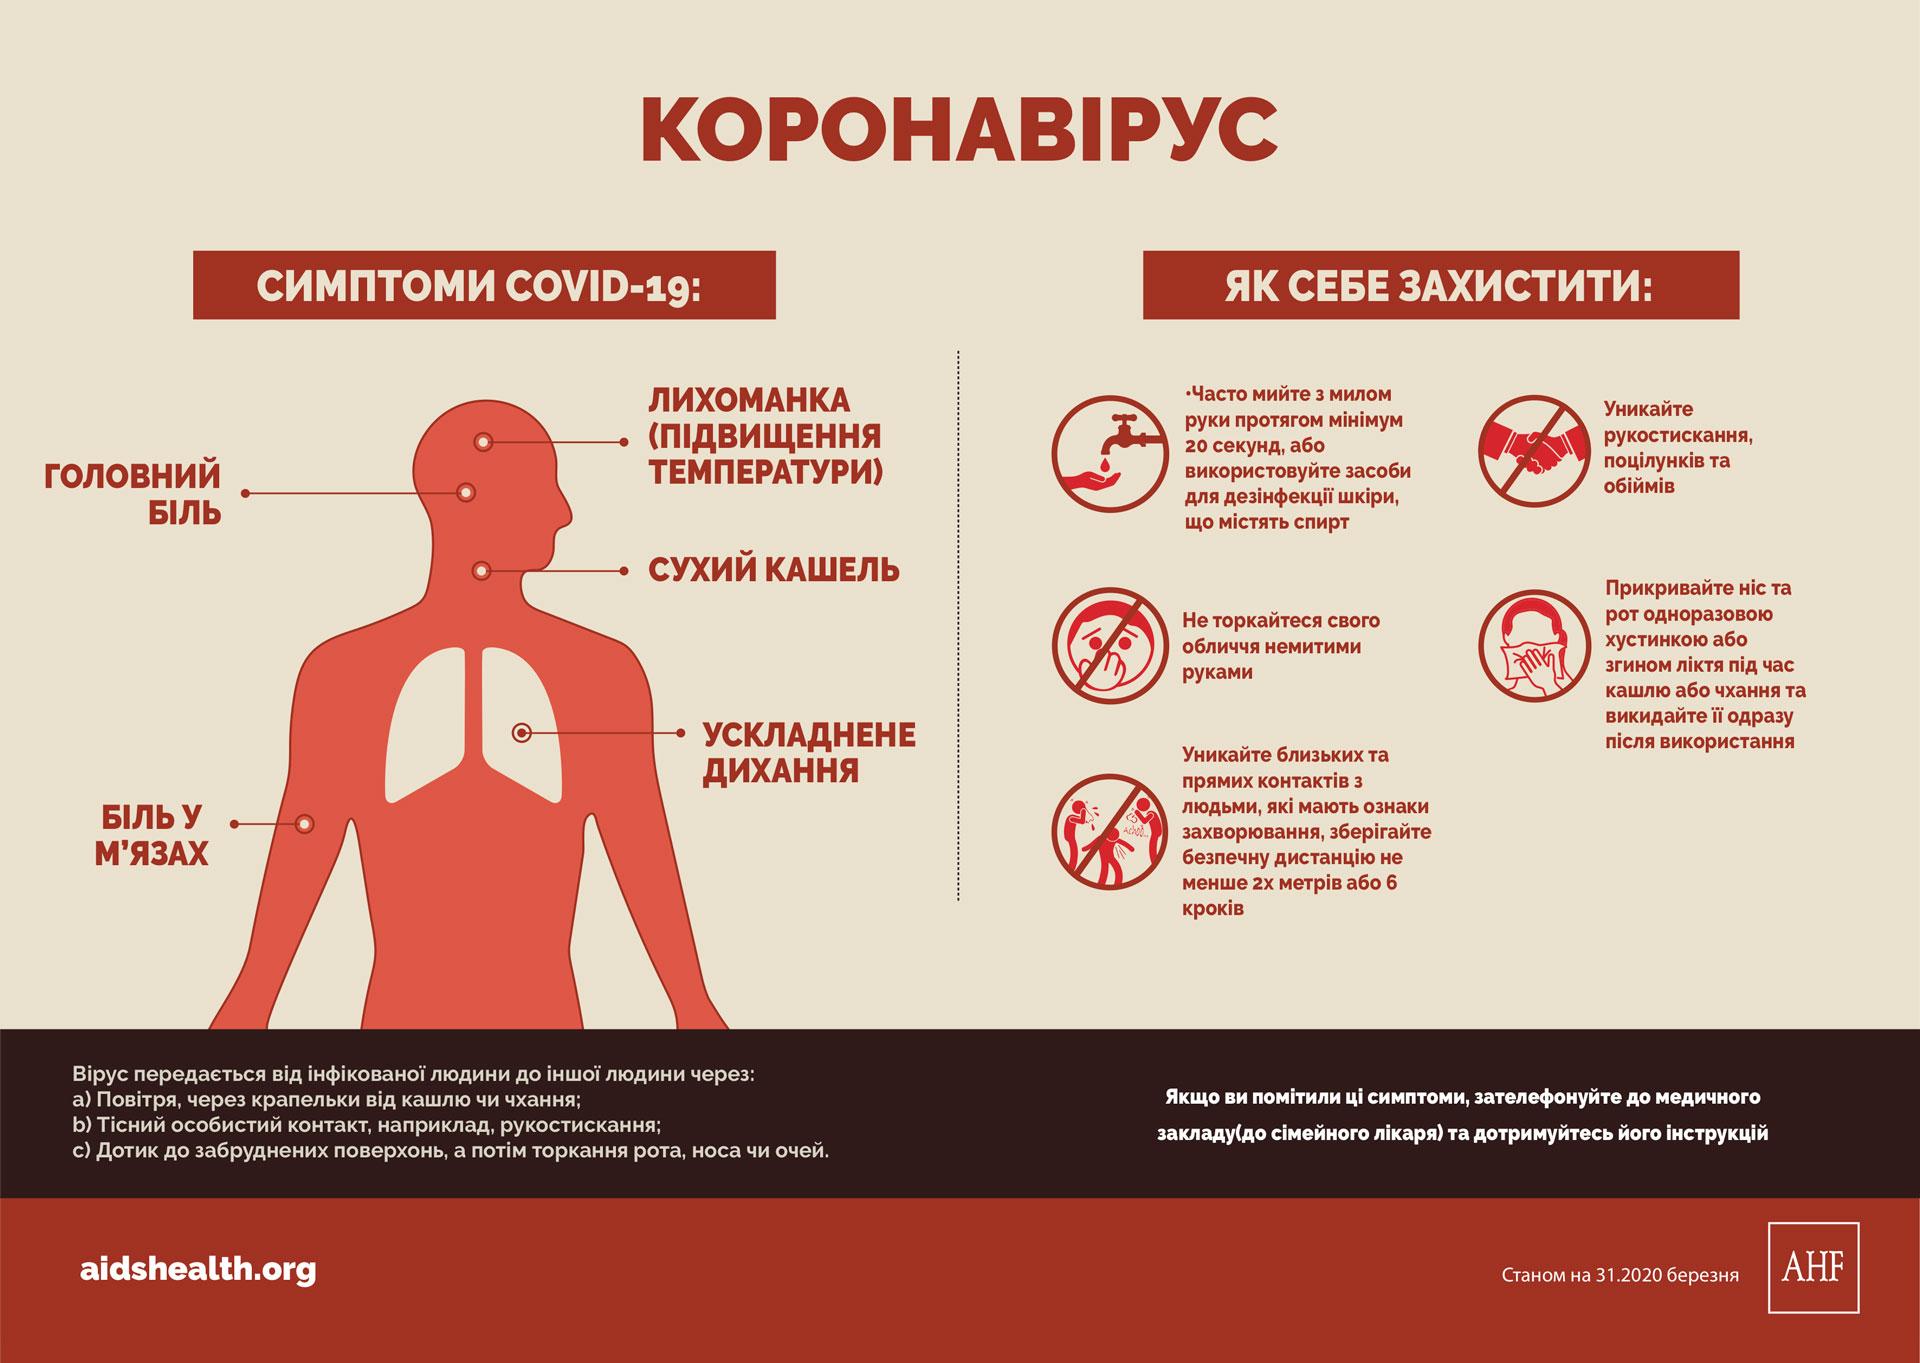 Коронавірус, симптоми та засоби захисту